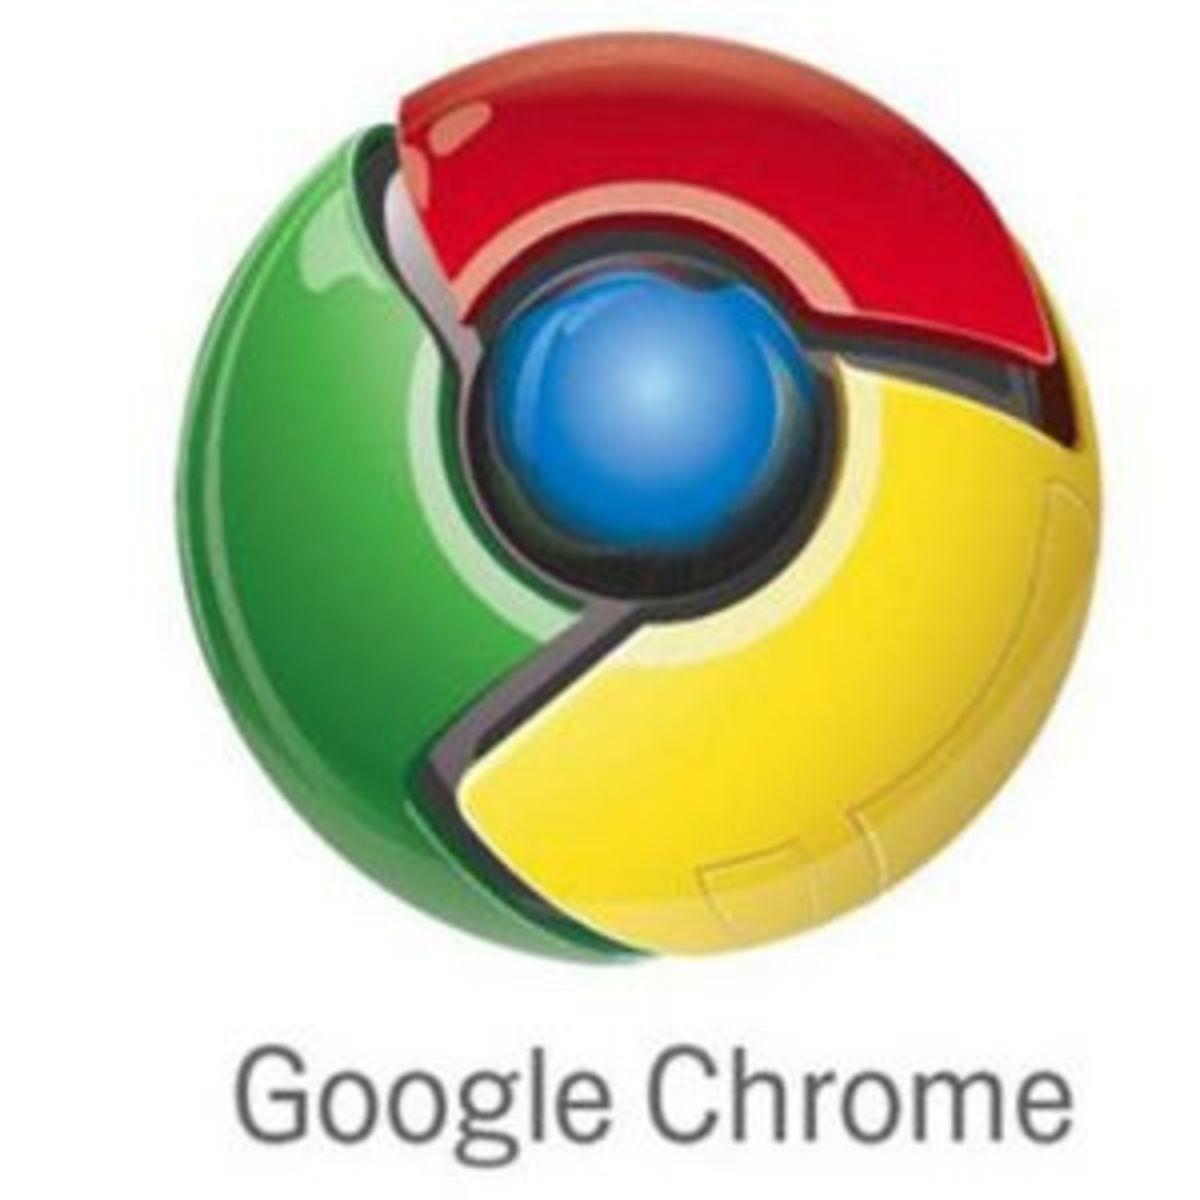 Στο προσκήνιο ο Chrome 4 | Newsit.gr